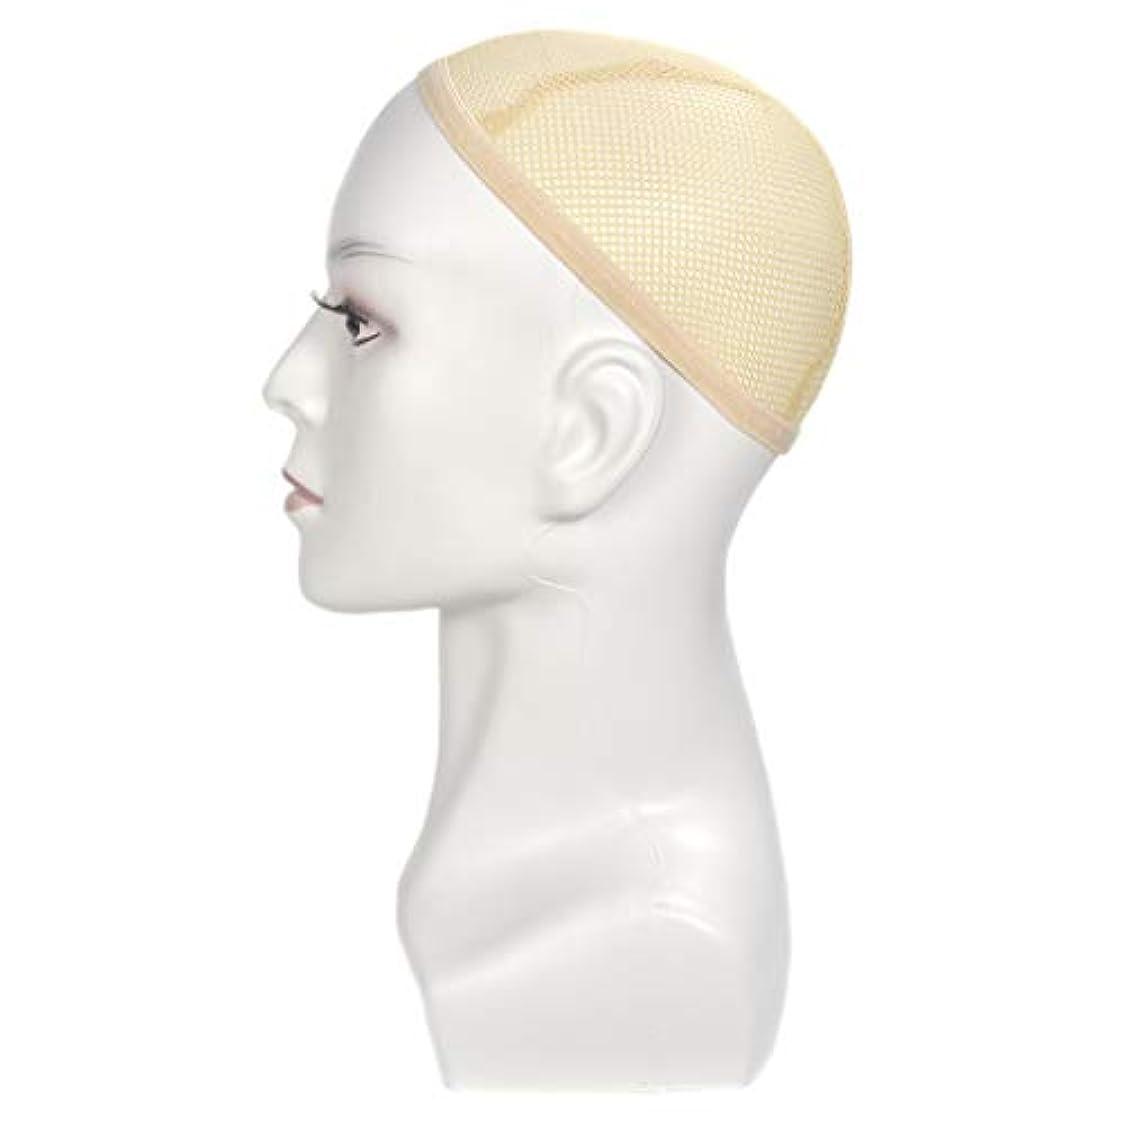 ヒップ無声で正義マネキンヘッド ディスプレイ メイクトレーニング 化粧 美容 店舗 自宅 サロン 全2色 - 白